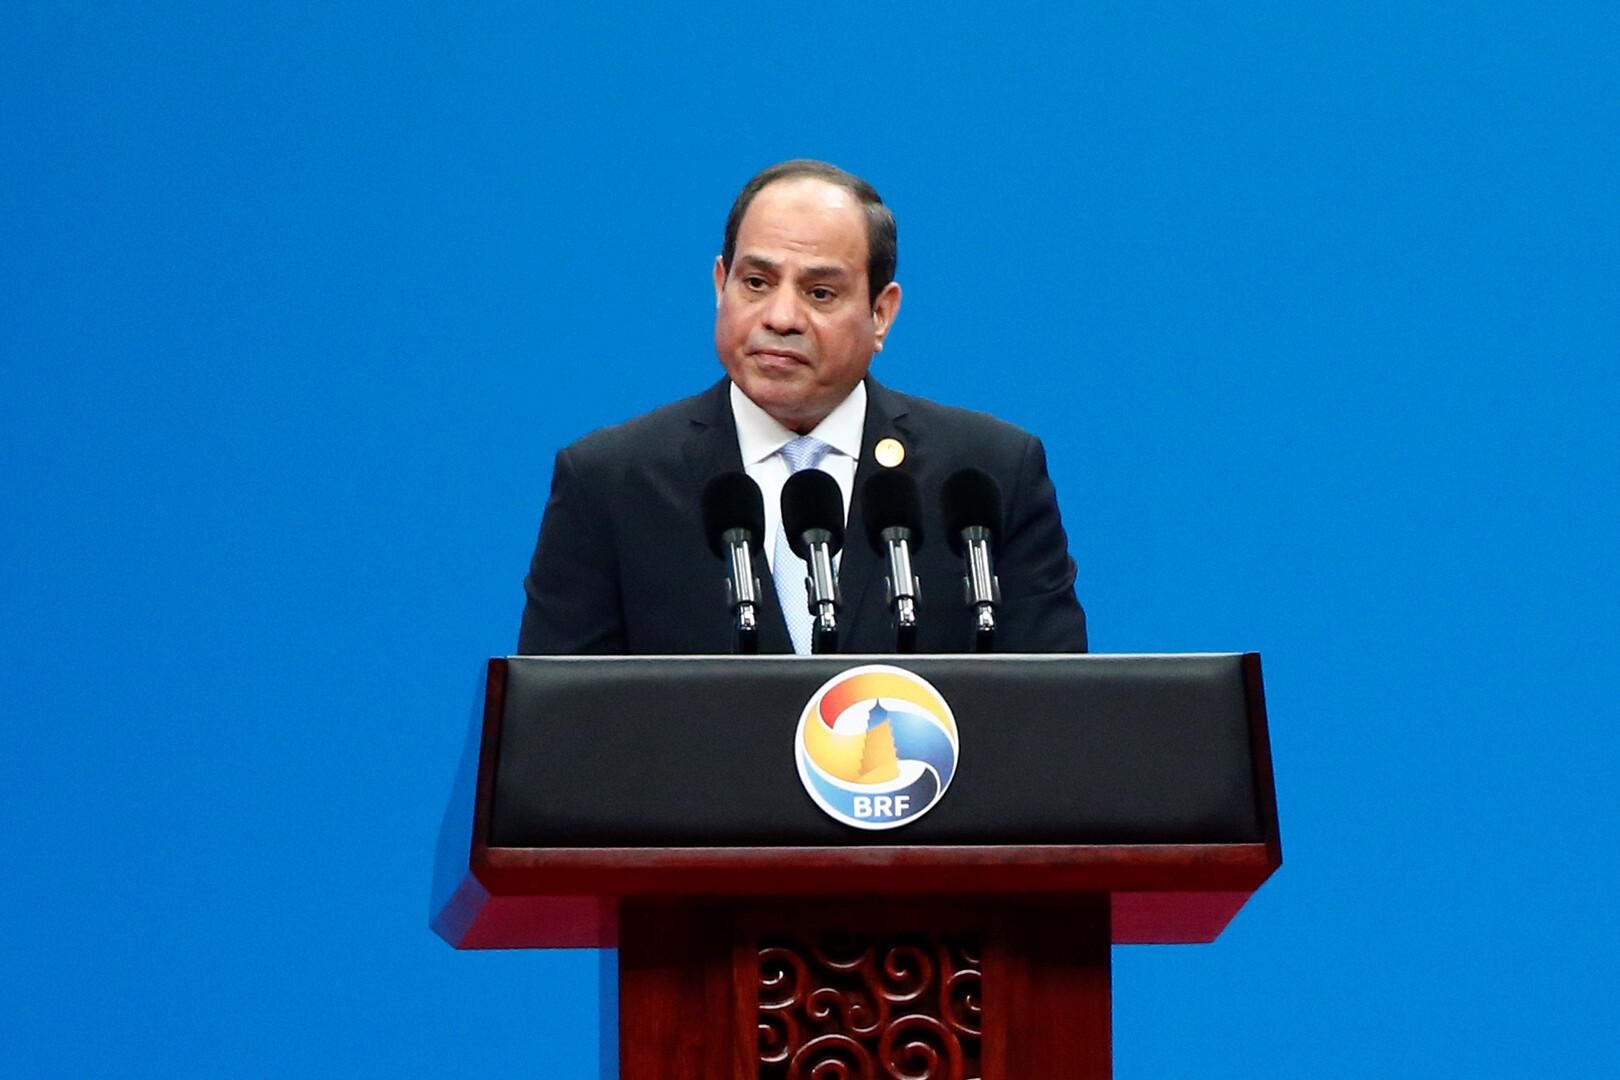 السيسي يعلق على فيديوهات تتهم قيادات الجيش المصري بالفساد -